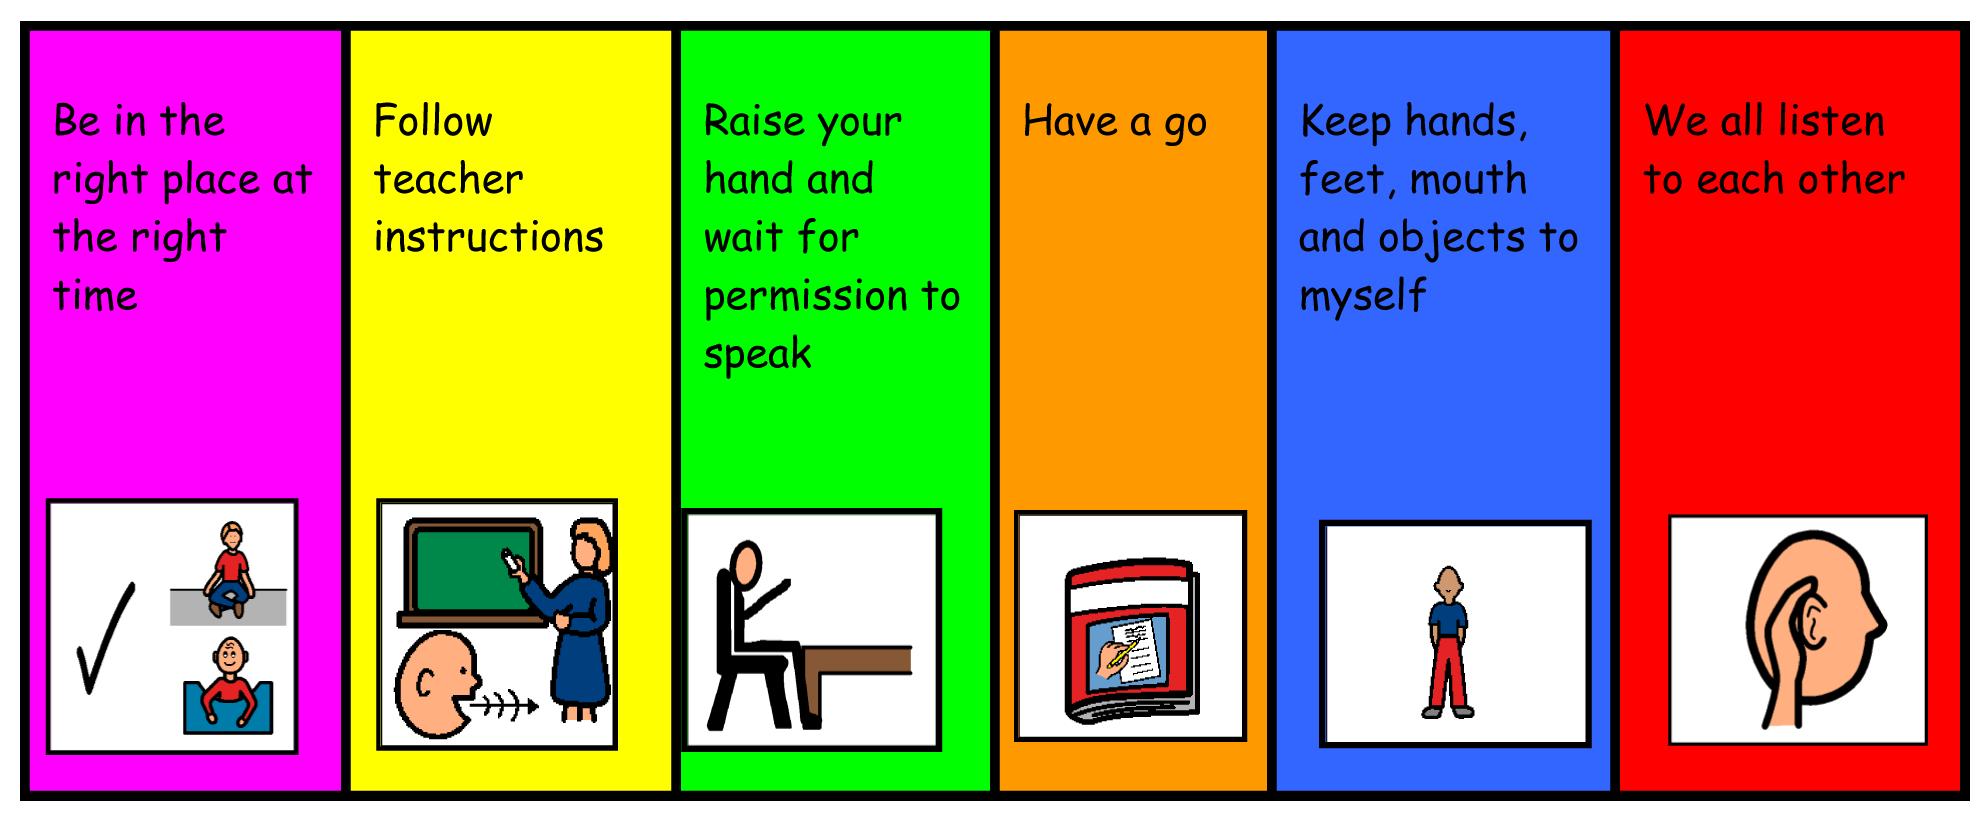 Best Images of School Rules Printable - Printable School Rules ...